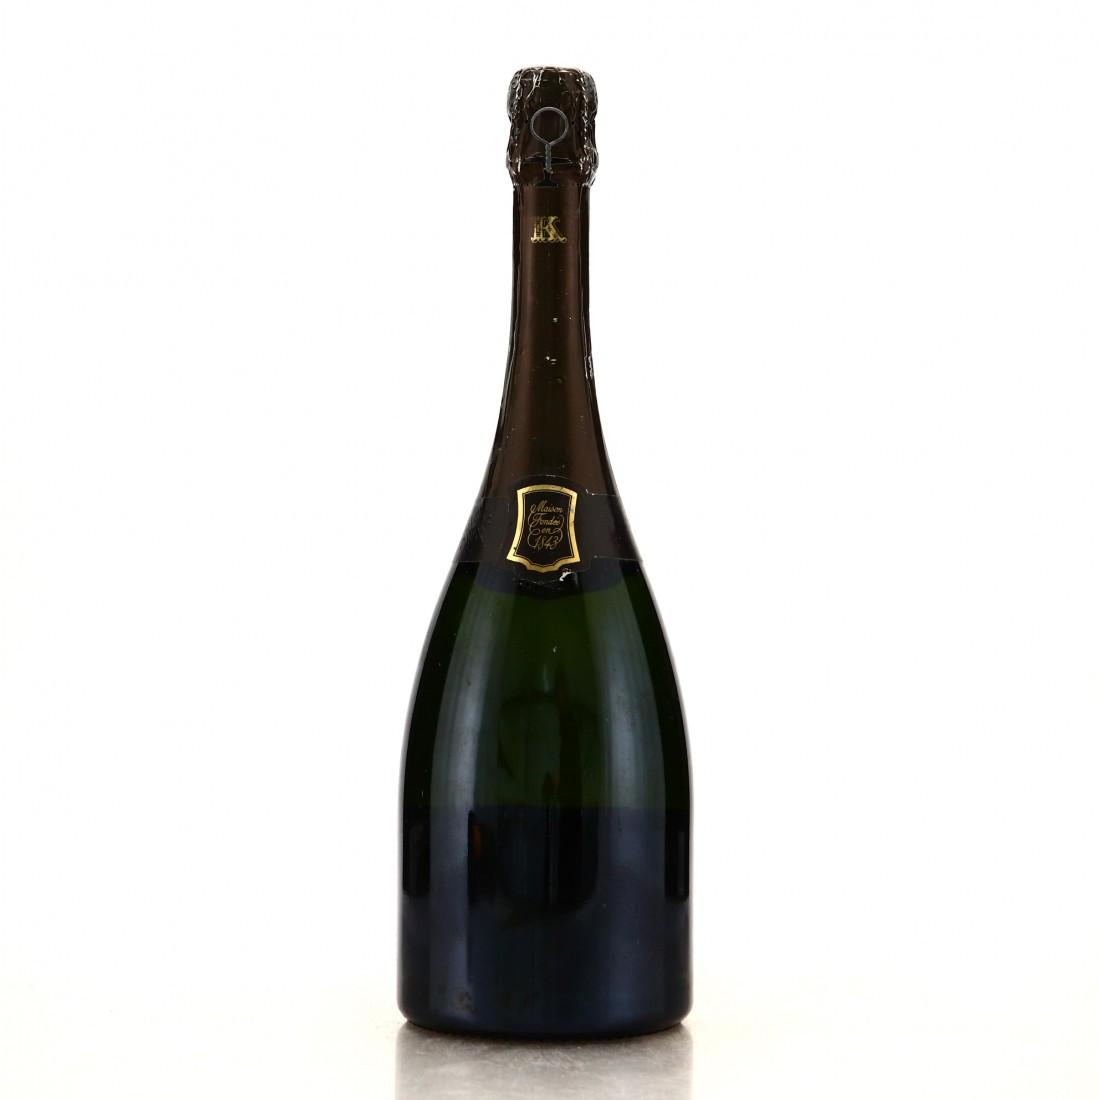 Krug Brut 1989 Vintage Champagne